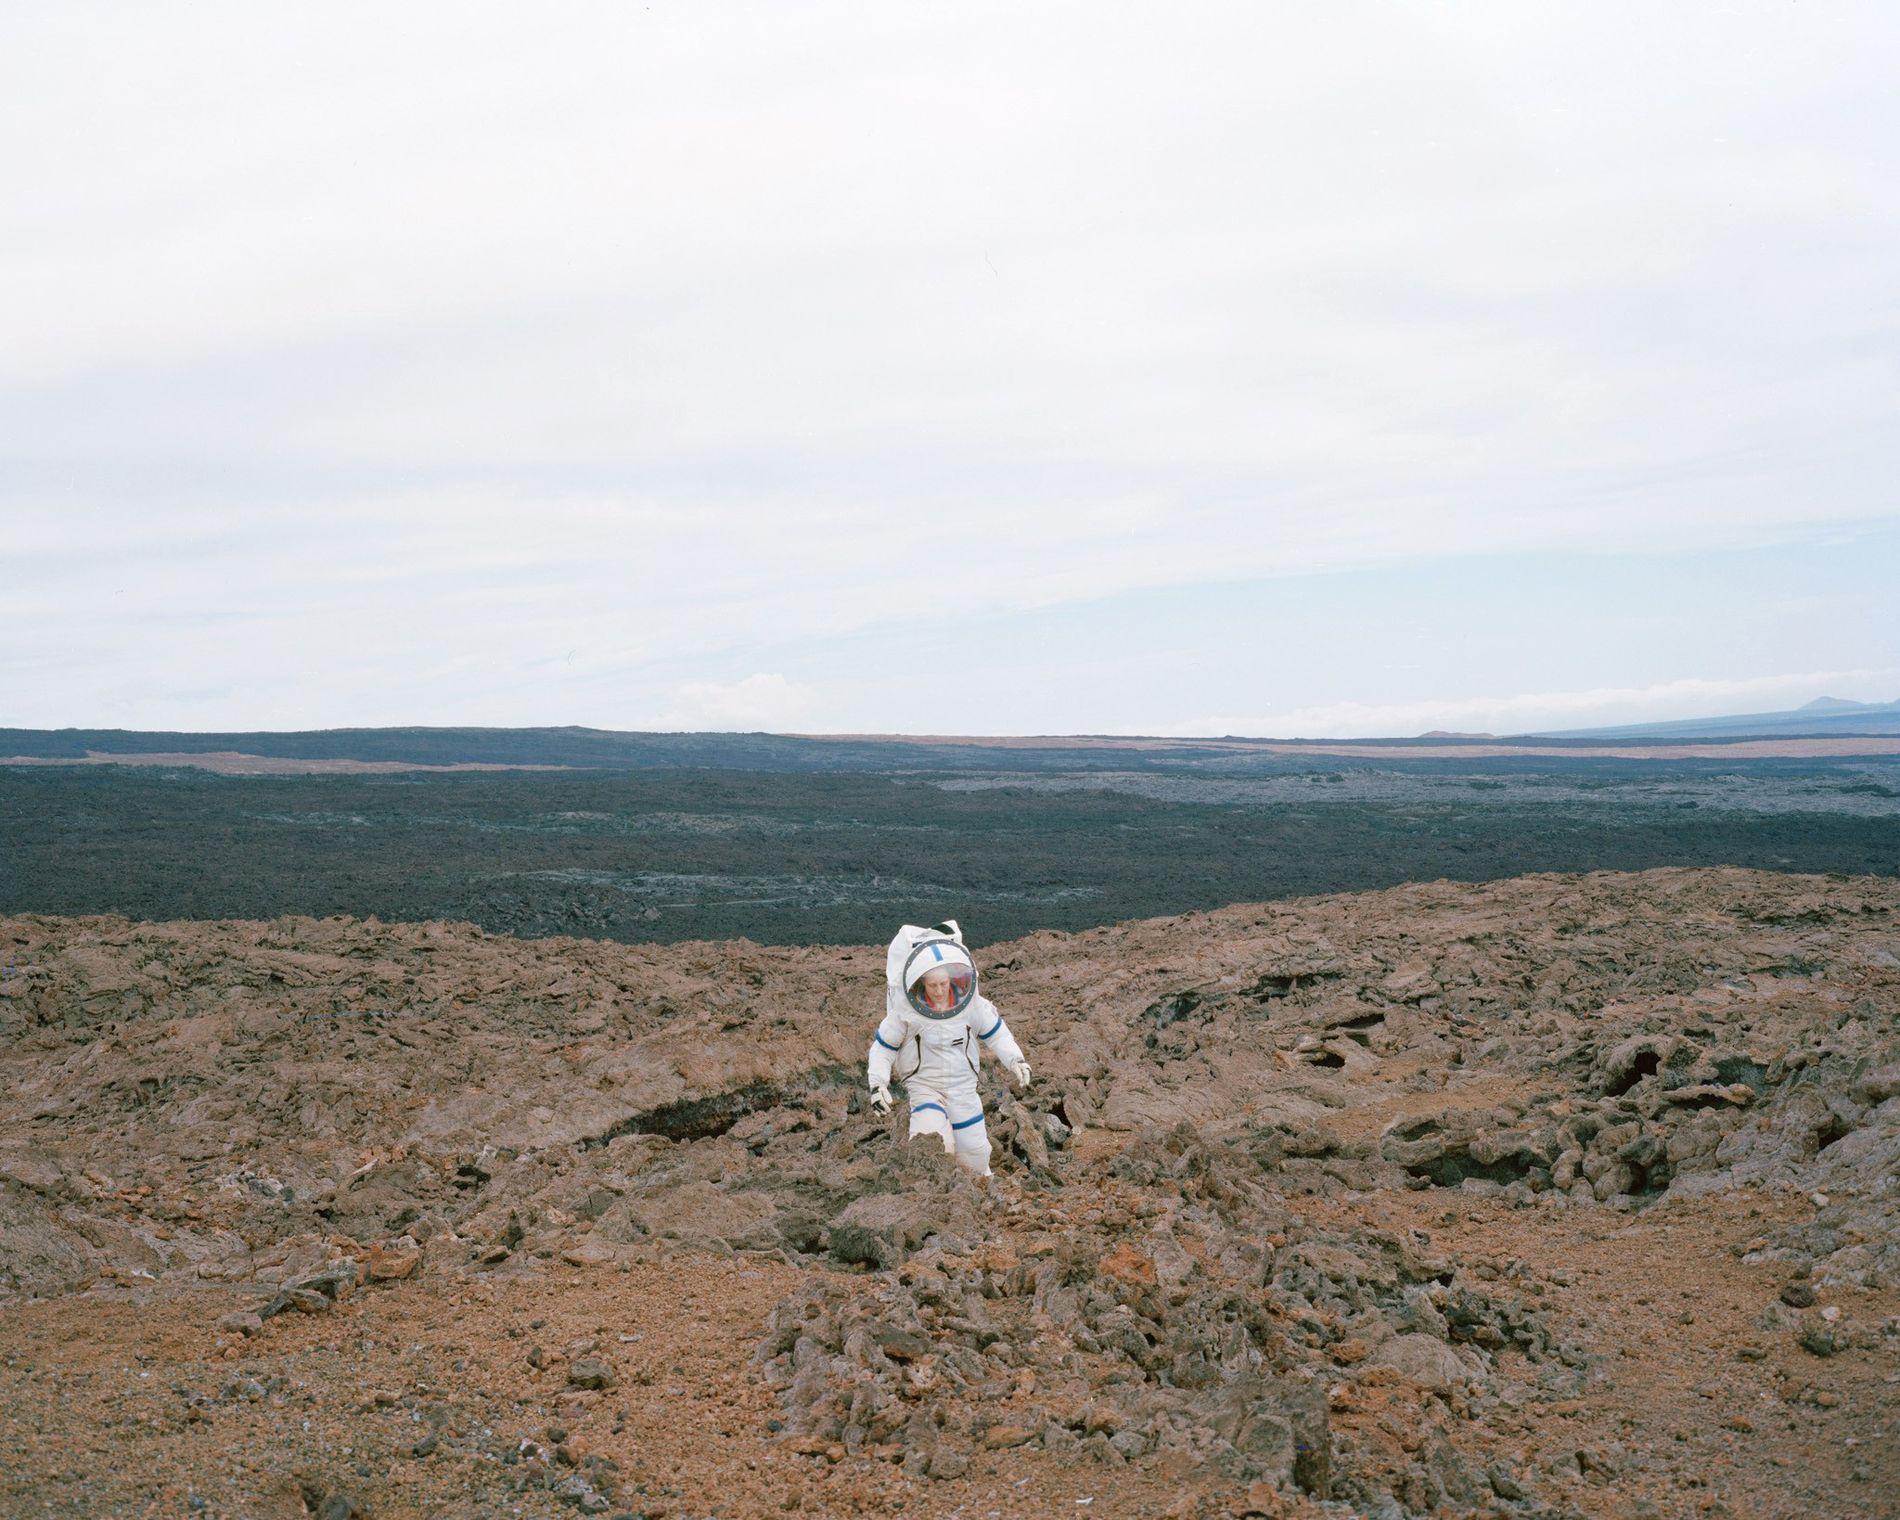 Martha Lenio, commandant de la mission HI-SEAS III à Hawaï, teste le terrain « martien » dans sa combinaison spatiale.